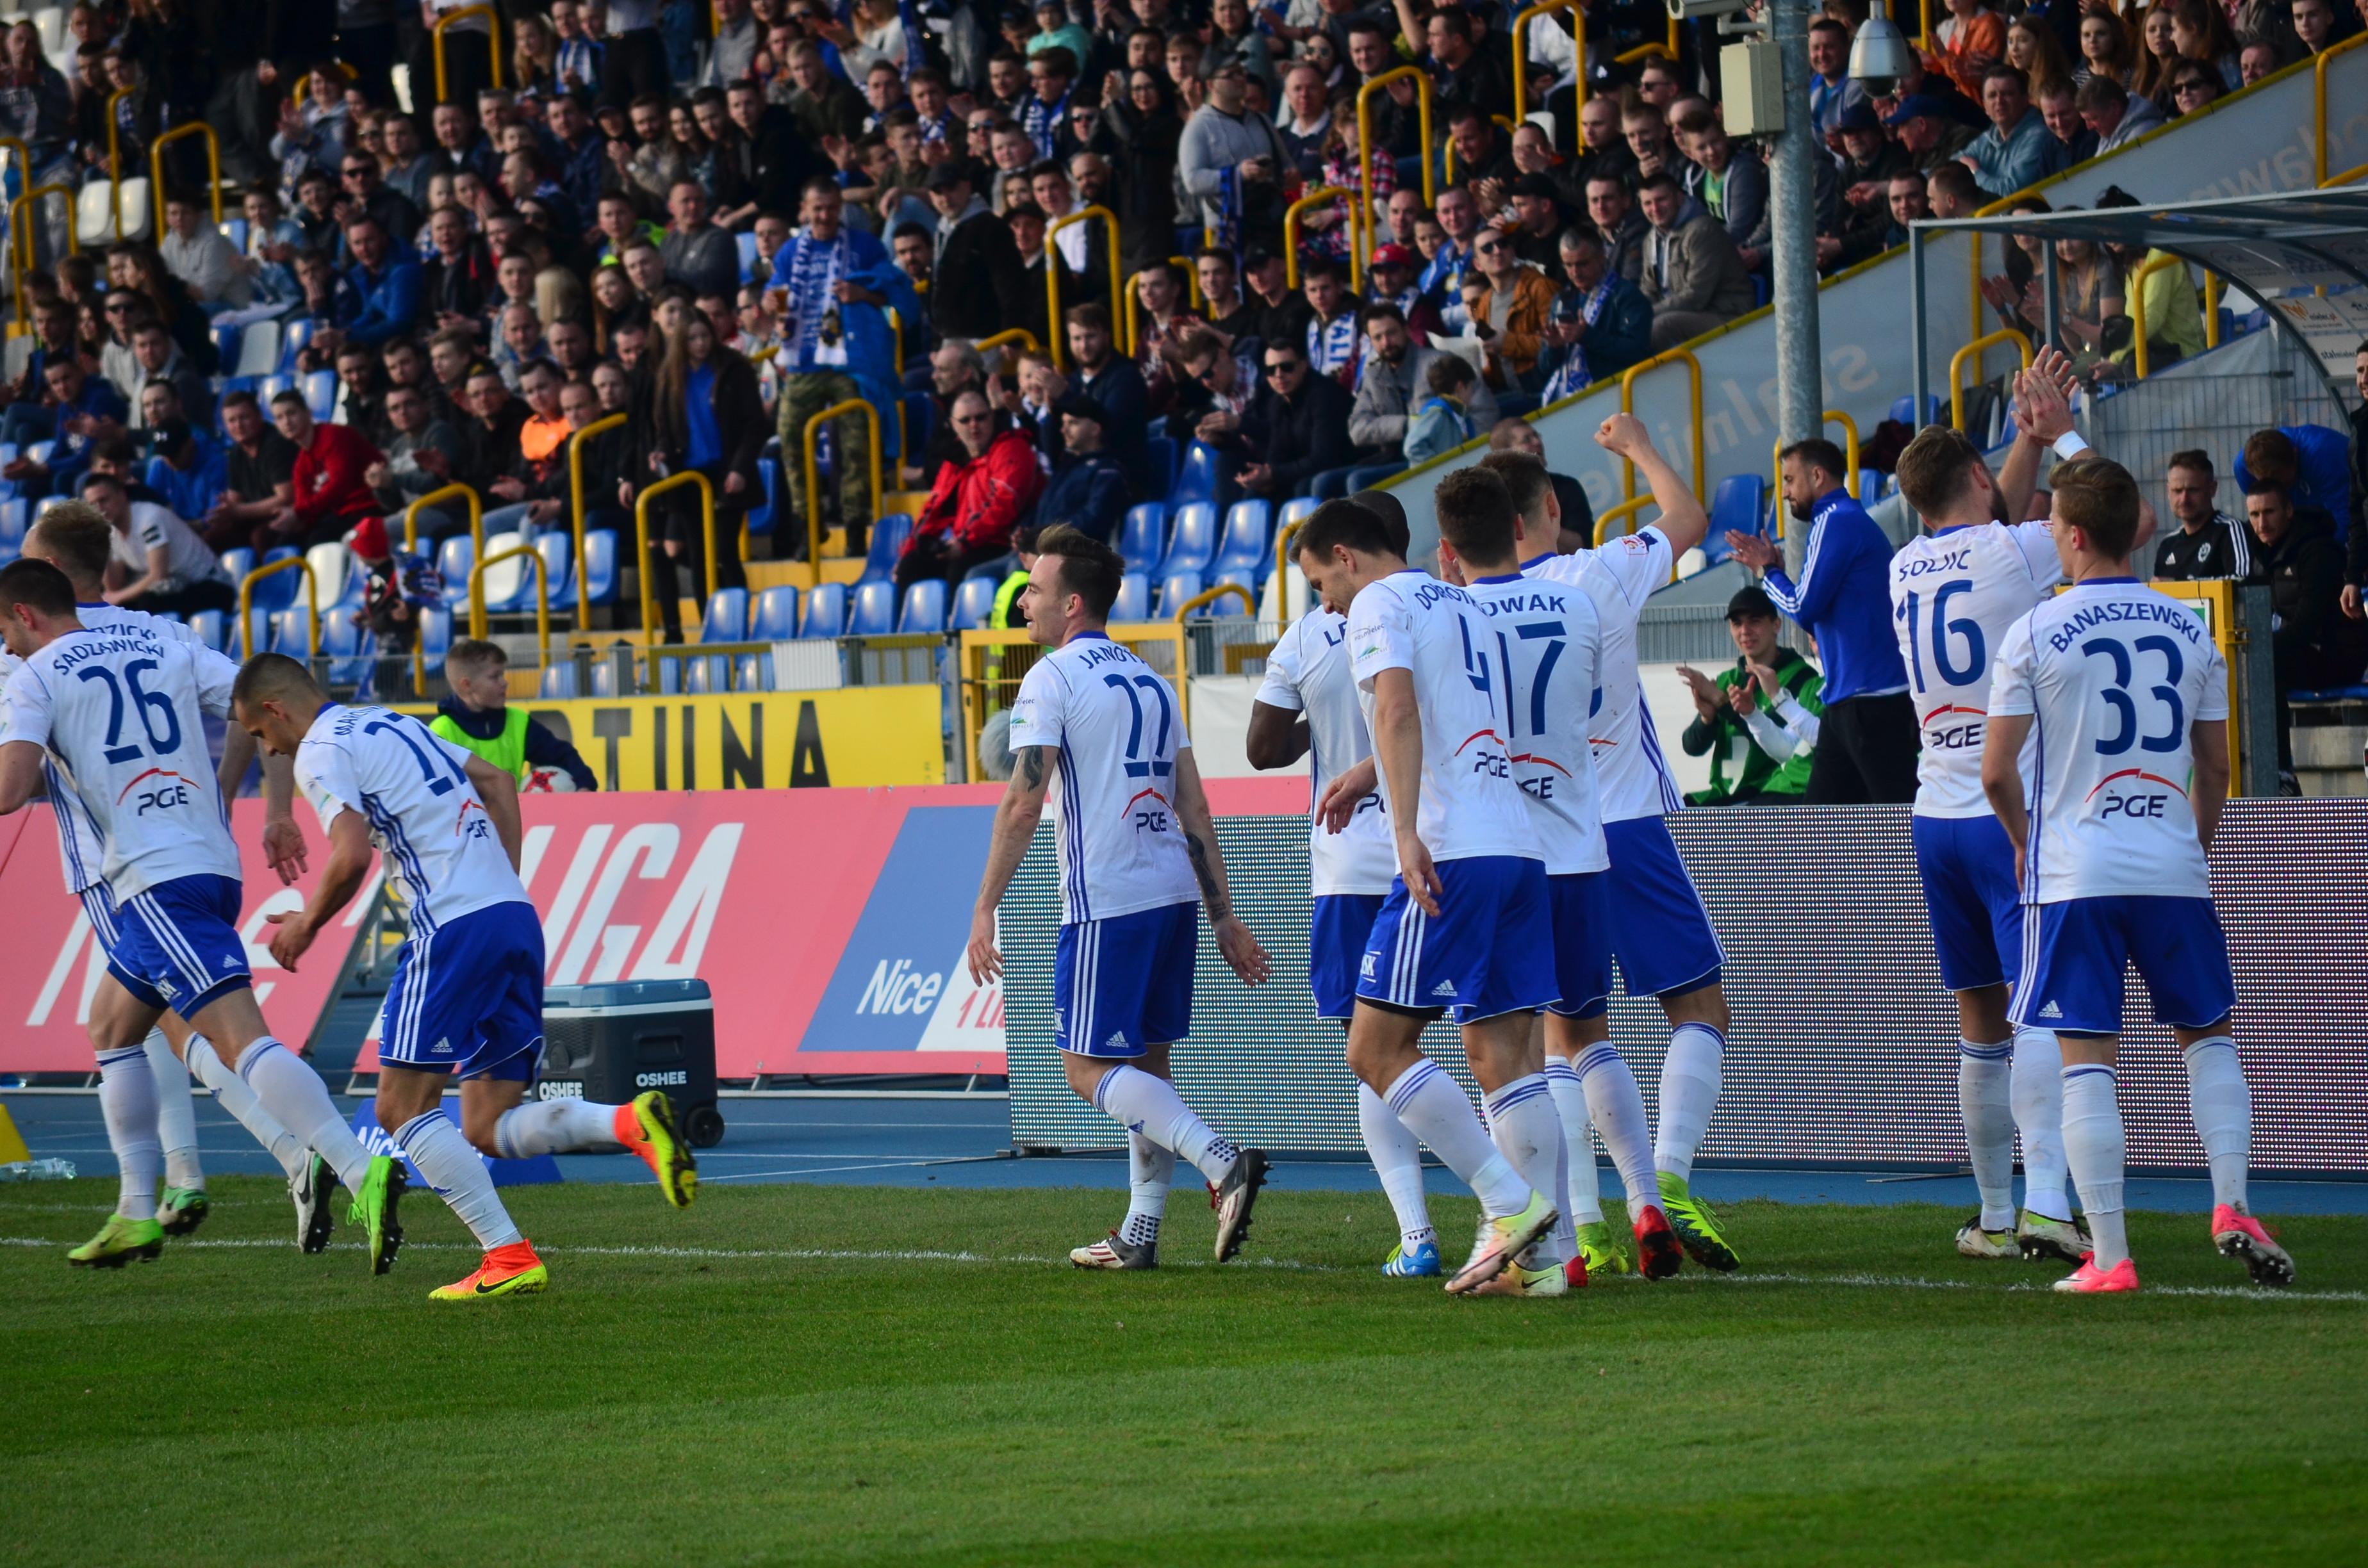 Klub FKS Stal Mielec wydał oświadczenie w sprawie finansowania sportu przez Magistrat - Zdjęcie główne